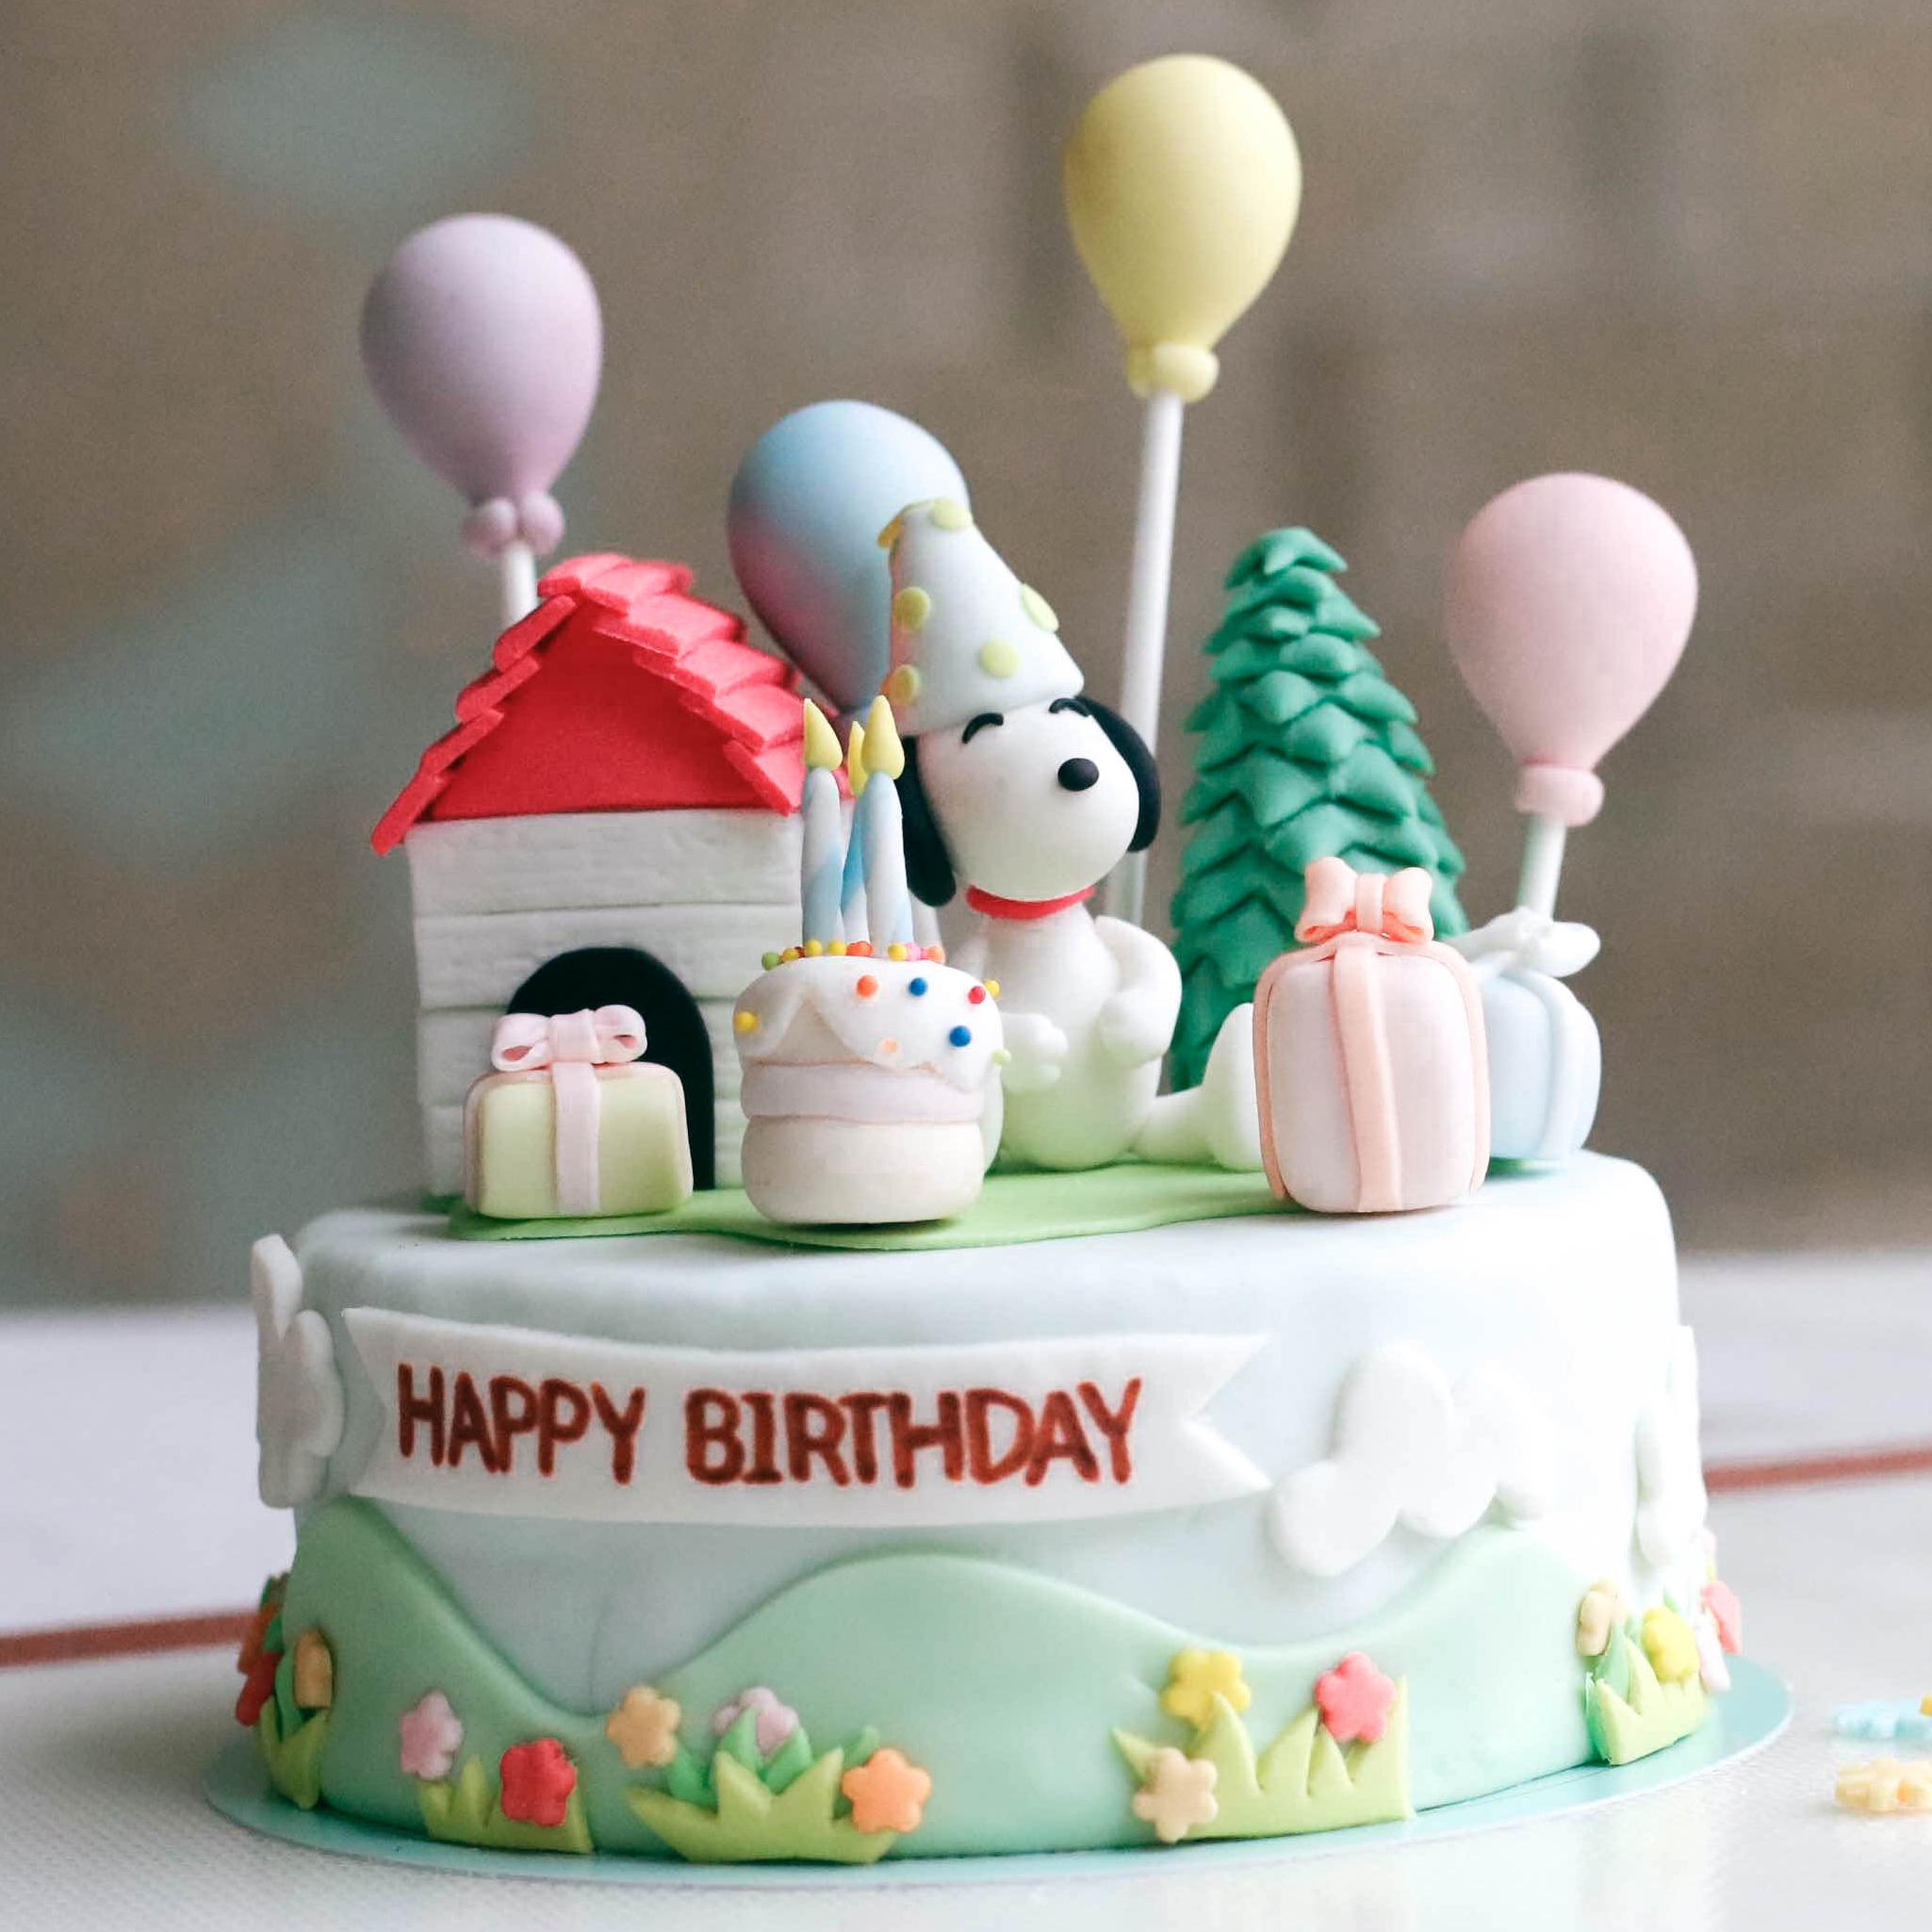 เค้กสนูปปี้  Snoopy Cake เค้กการ์ตูน เค้กวันเกิด เค้กด่วน